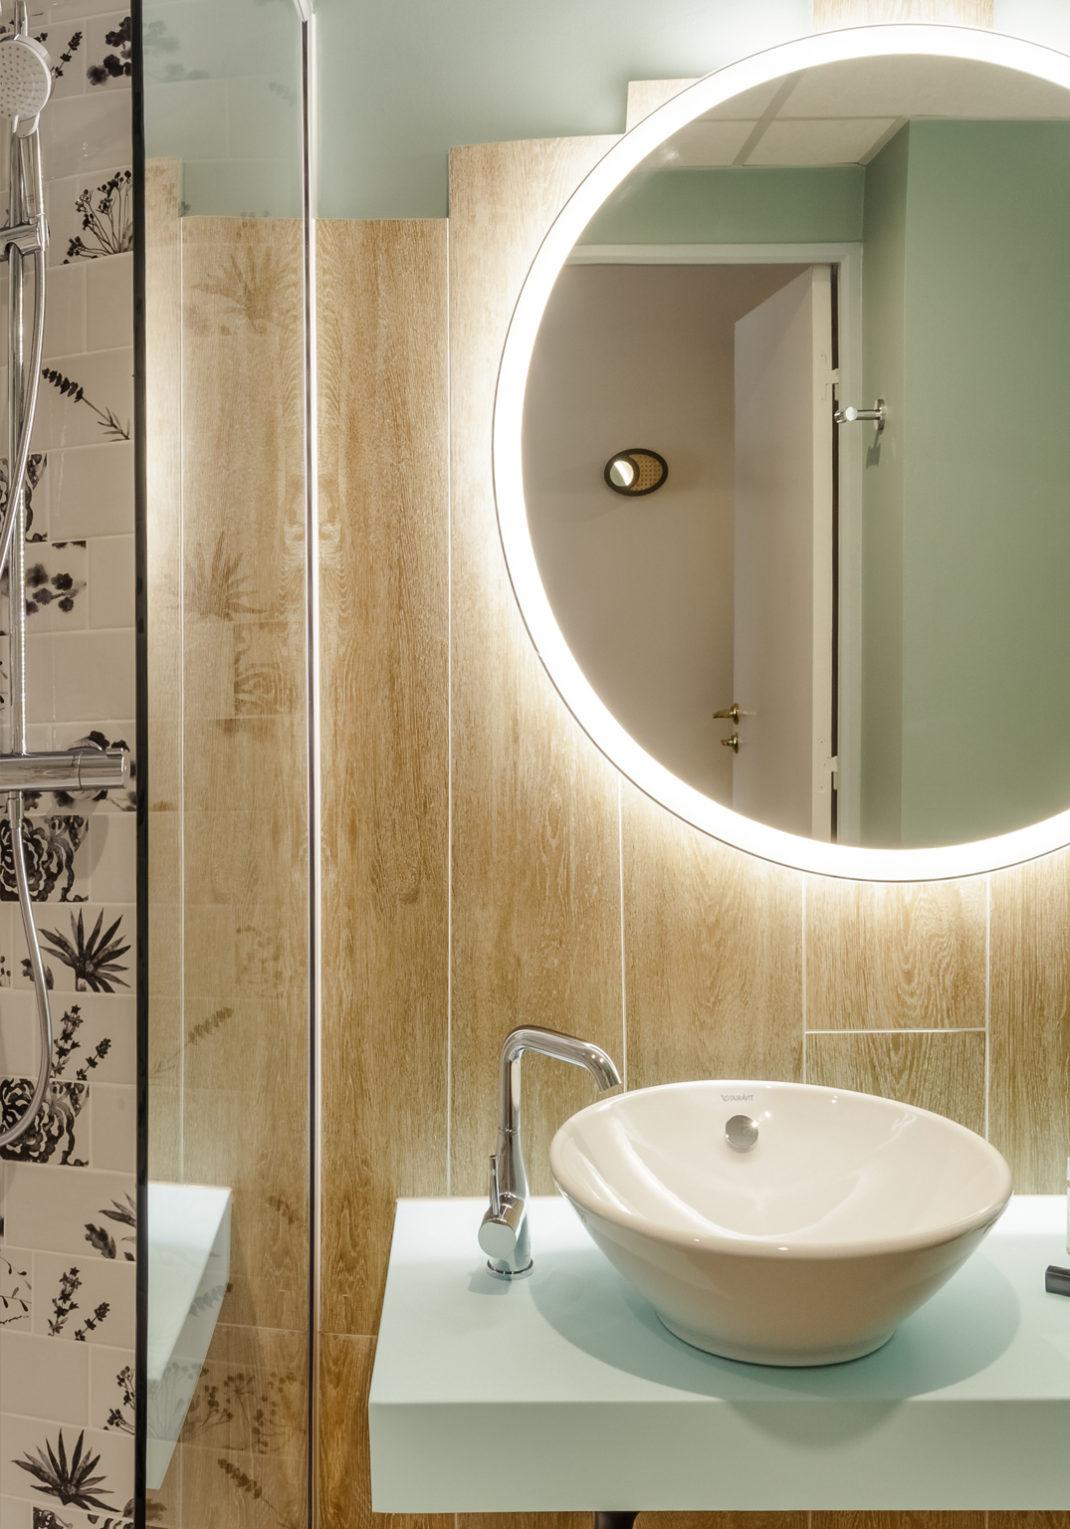 Décoration des salles de bain de l'hôtel Mercure d'Orléans